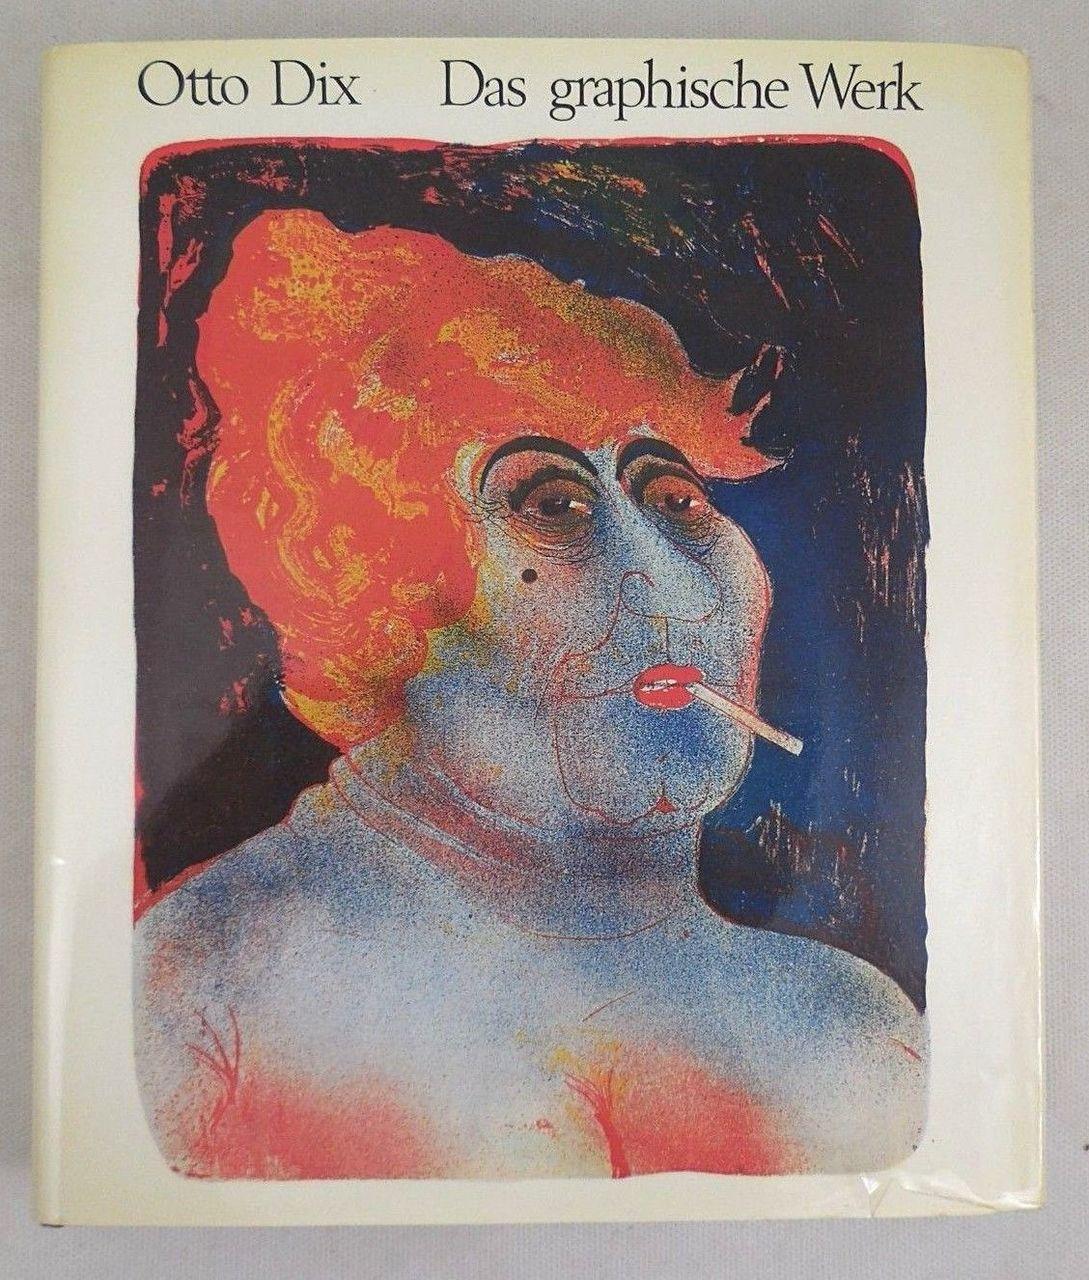 OTTO DIX: DAS GRAPHISCHE WERK - 1970 [Signed]